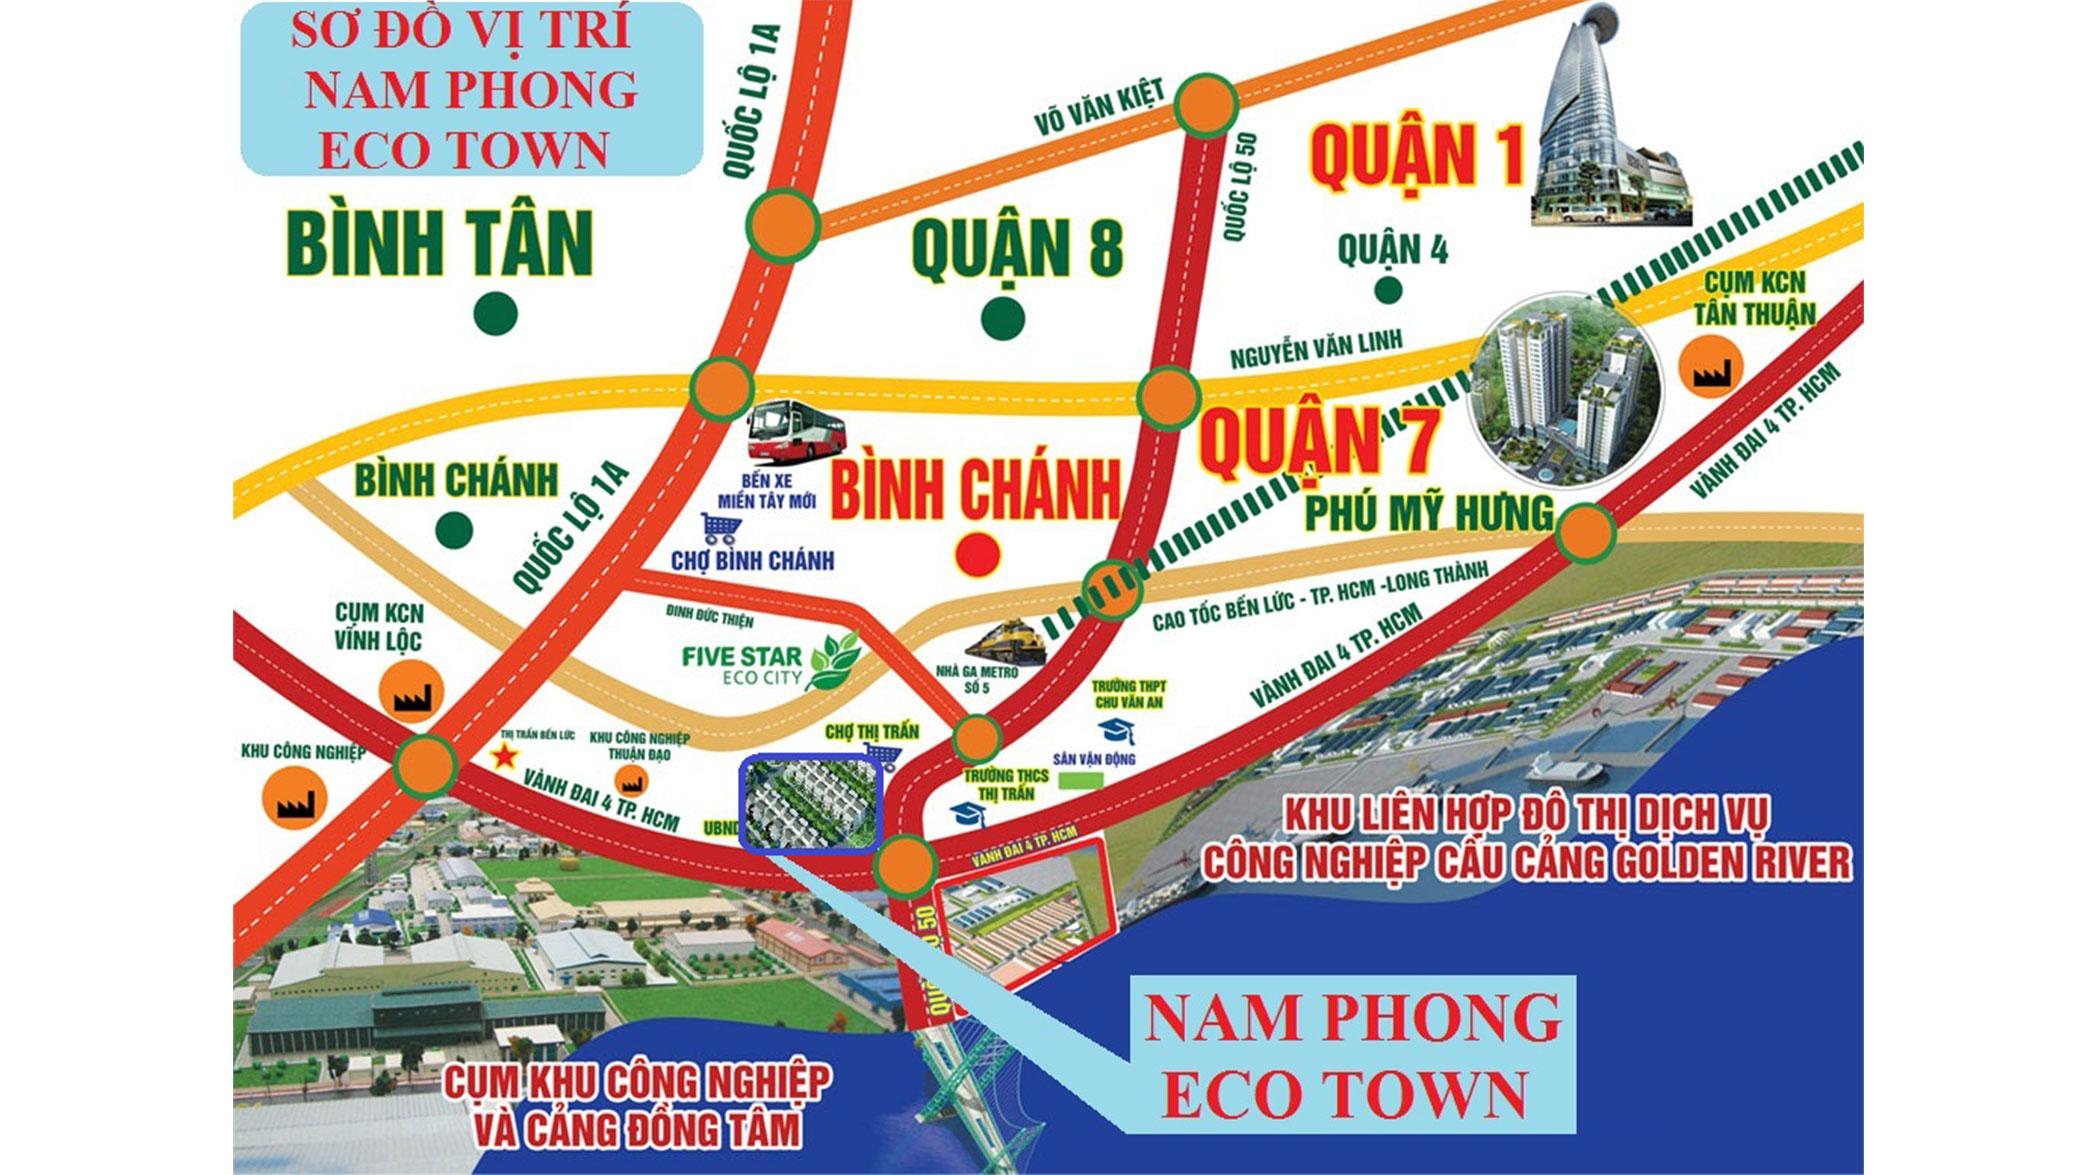 sơ đồ vị trí nam phong eco town